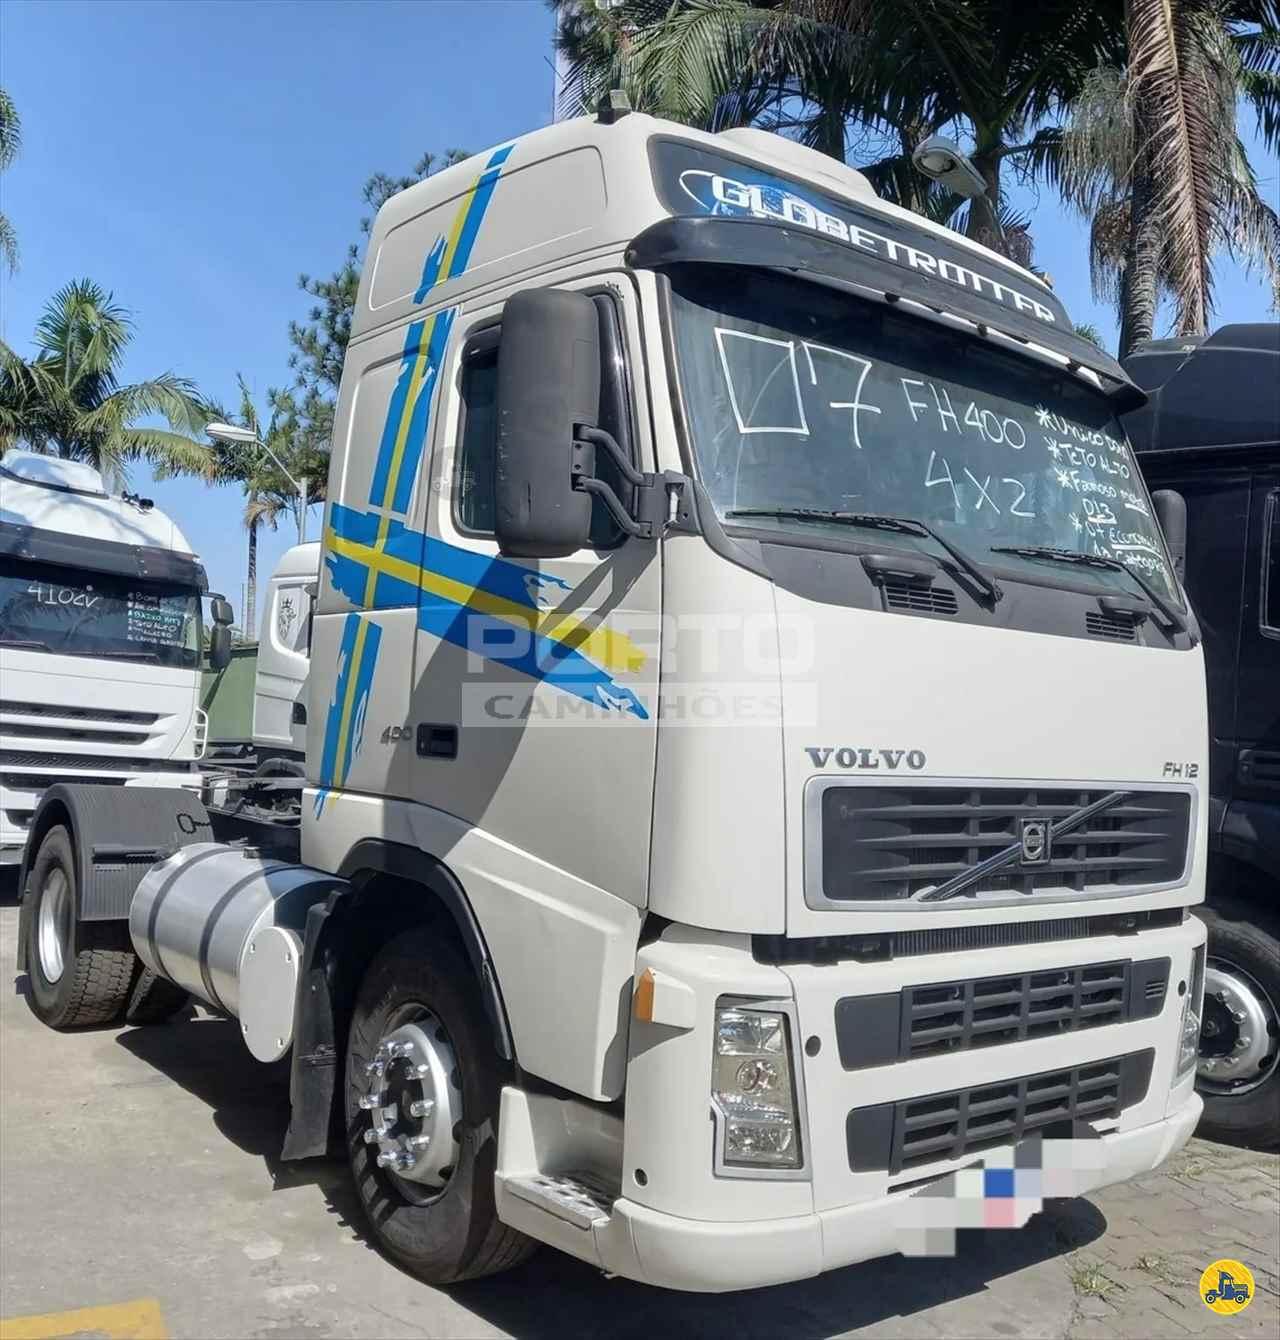 CAMINHAO VOLVO VOLVO FH 400 Cavalo Mecânico Toco 4x2 Porto Caminhões GUARULHOS SÃO PAULO SP